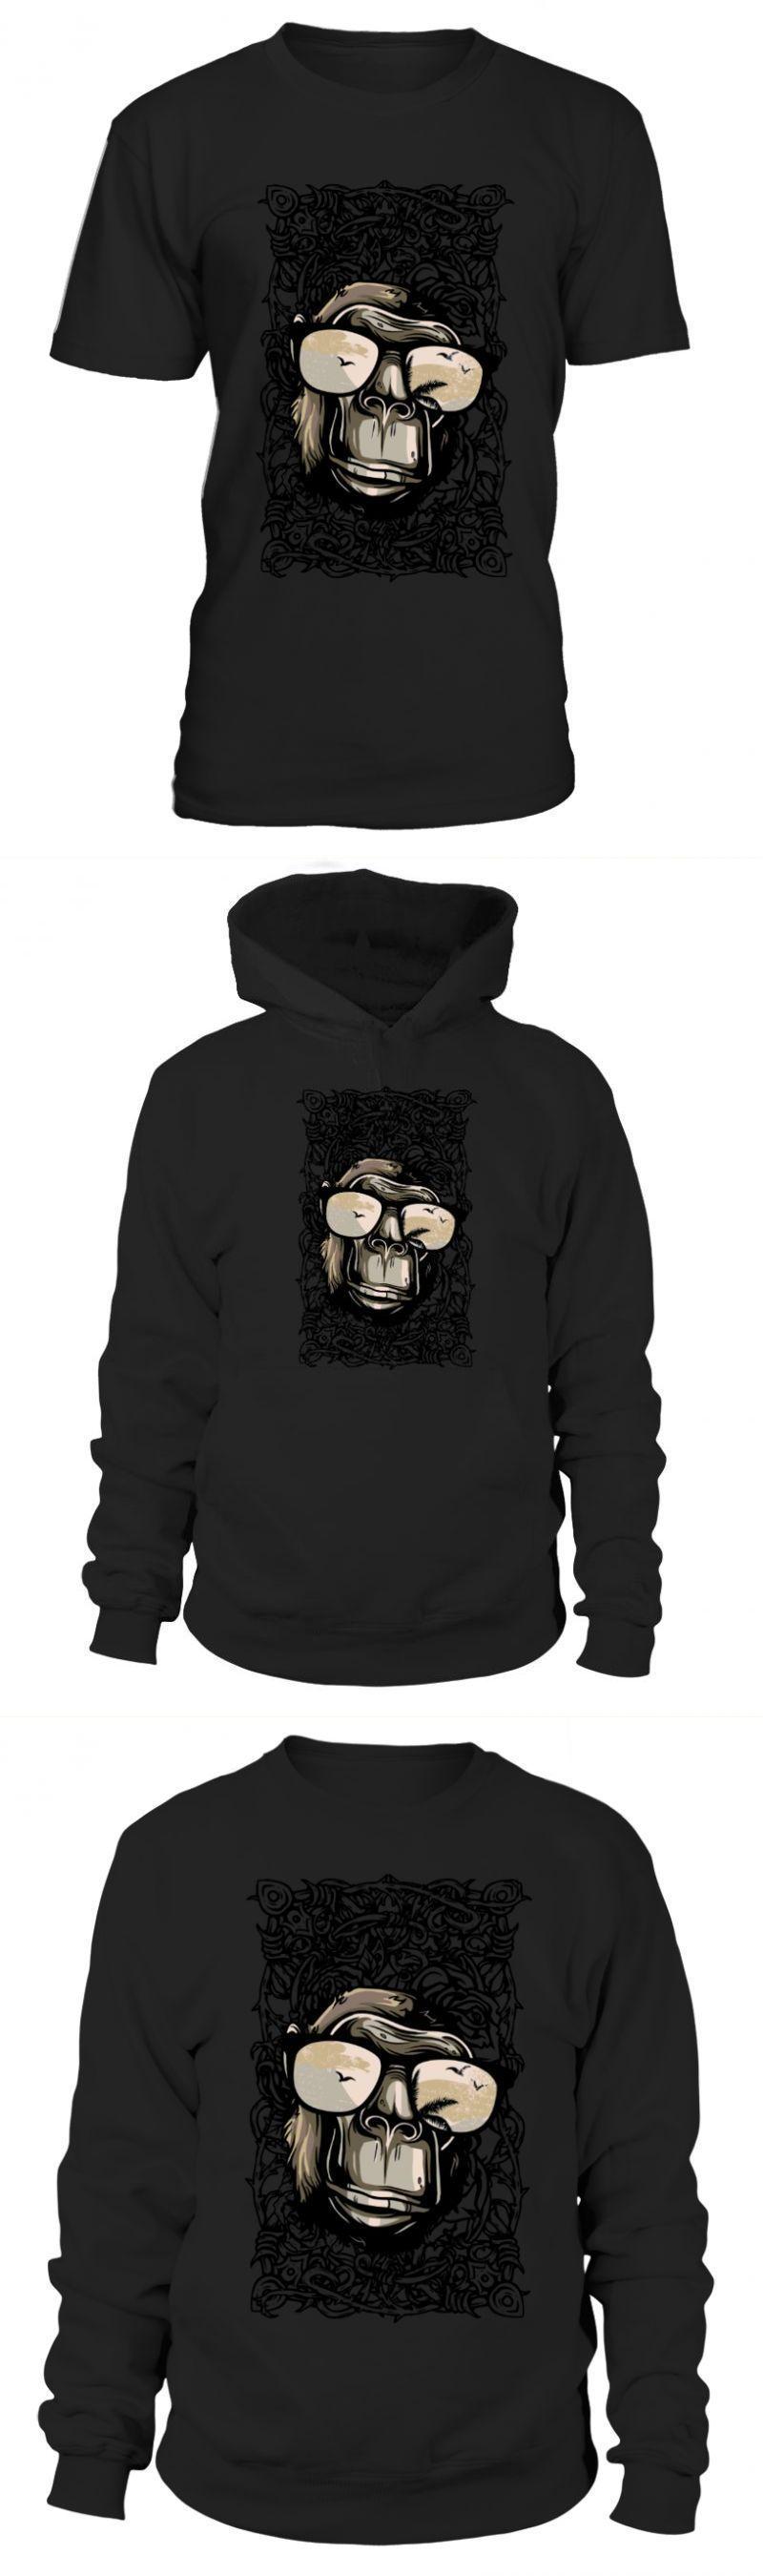 Arctic monkeys womens t shirt designershirt 'hipster monkey' gas monkey garage t shirt mens #gasmonkeygarage Arctic monkeys womens t shirt designershirt 'hipster monkey' gas monkey garage t shirt mens #arctic #monkeys #womens #shirt #designershirt #'hipster #monkey' #gas #monkey #garage #mens #t-shirt #for #kids #round #neck #unisex #hoodie #sweatshirt #gasmonkeygarage Arctic monkeys womens t shirt designershirt 'hipster monkey' gas monkey garage t shirt mens #gasmonkeygarage Arctic monkeys wome #gasmonkeygarage